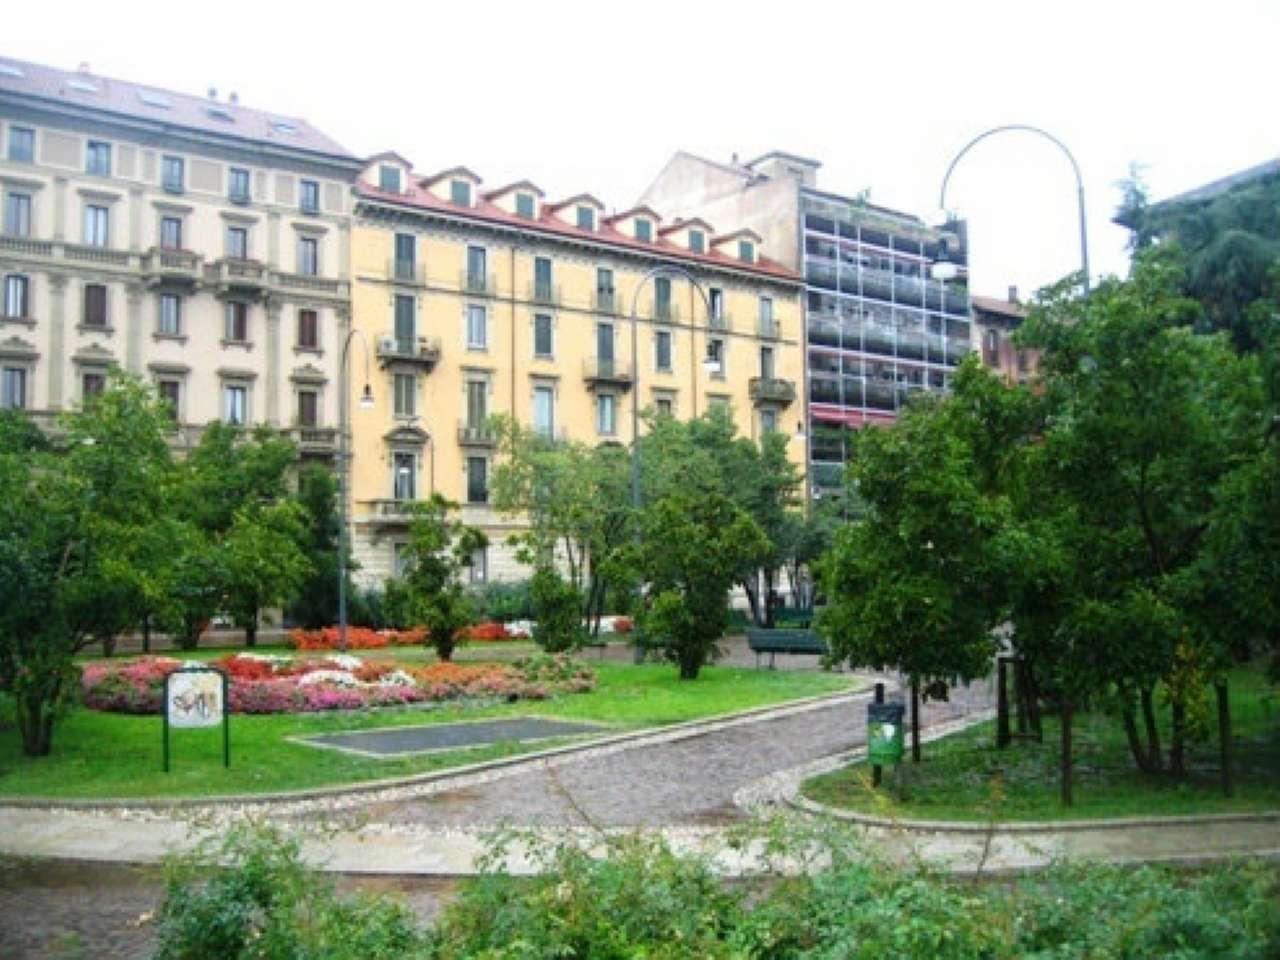 Ufficio-studio in Vendita a Milano 01 Centro storico (Cerchia dei Navigli): 1 locali, 41 mq